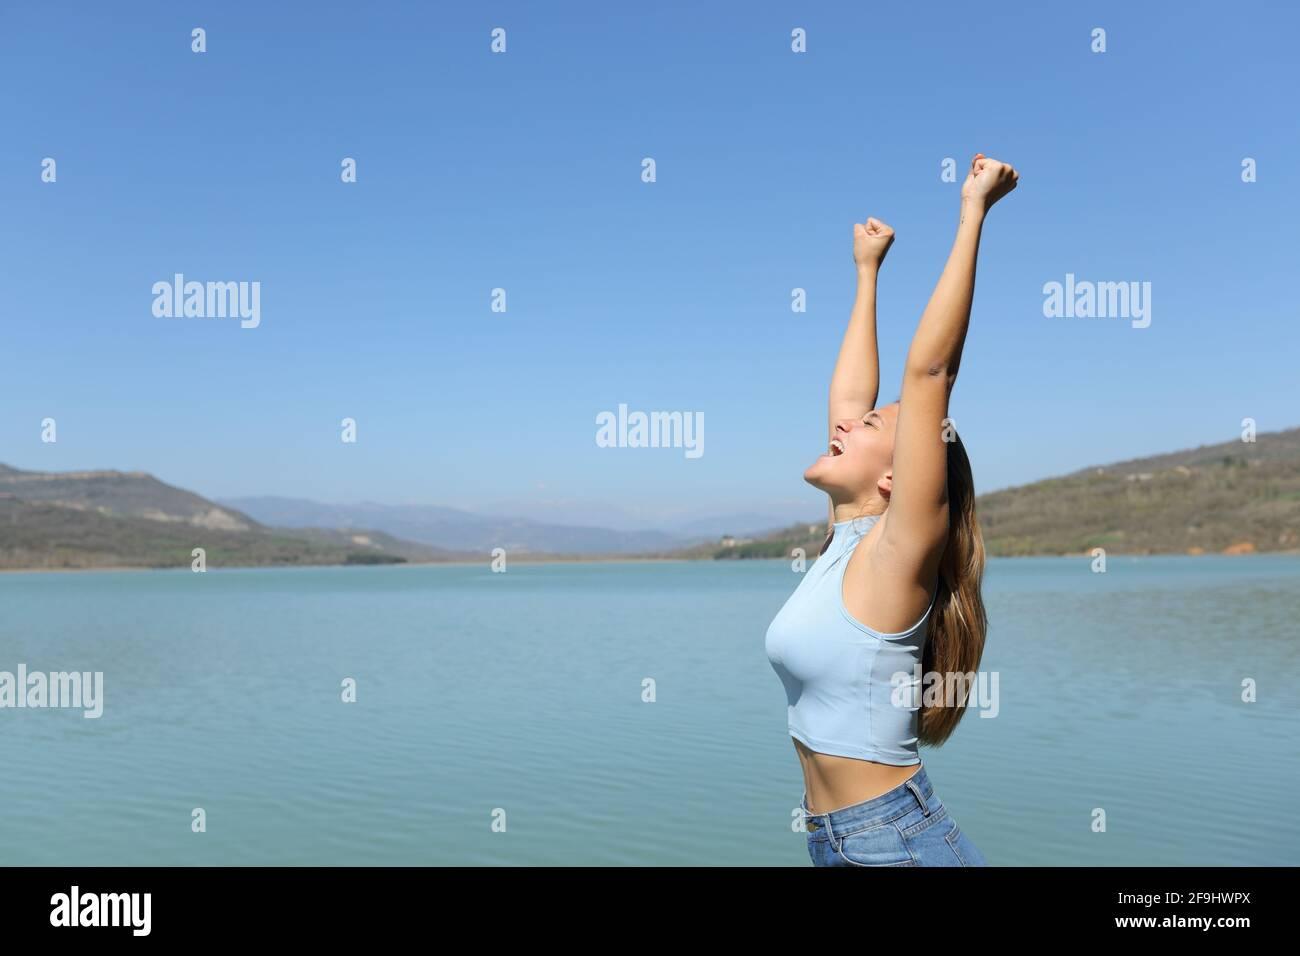 Profil einer begeisterten Frau, die ihren Urlaub in einem See feiert Stockfoto